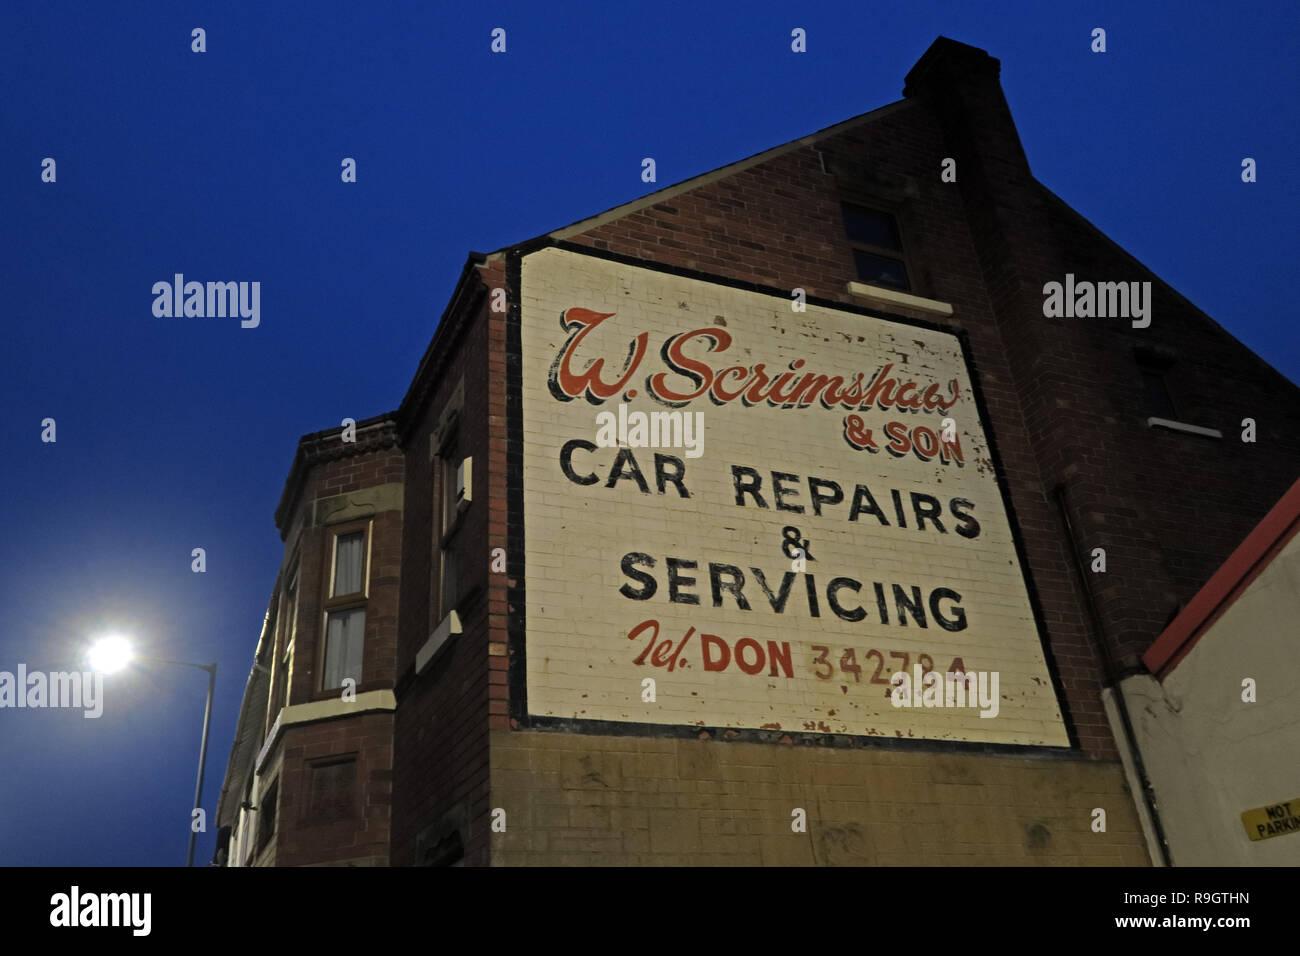 Laden Sie dieses Alamy Stockfoto W. Scrimshaw und Sohn, KFZ-Reparatur und Wartung, Don 342784, Balby Road, Doncaster, South Yorkshire, England, UK, DN 4 0 RE in der Dämmerung - R9GTHN